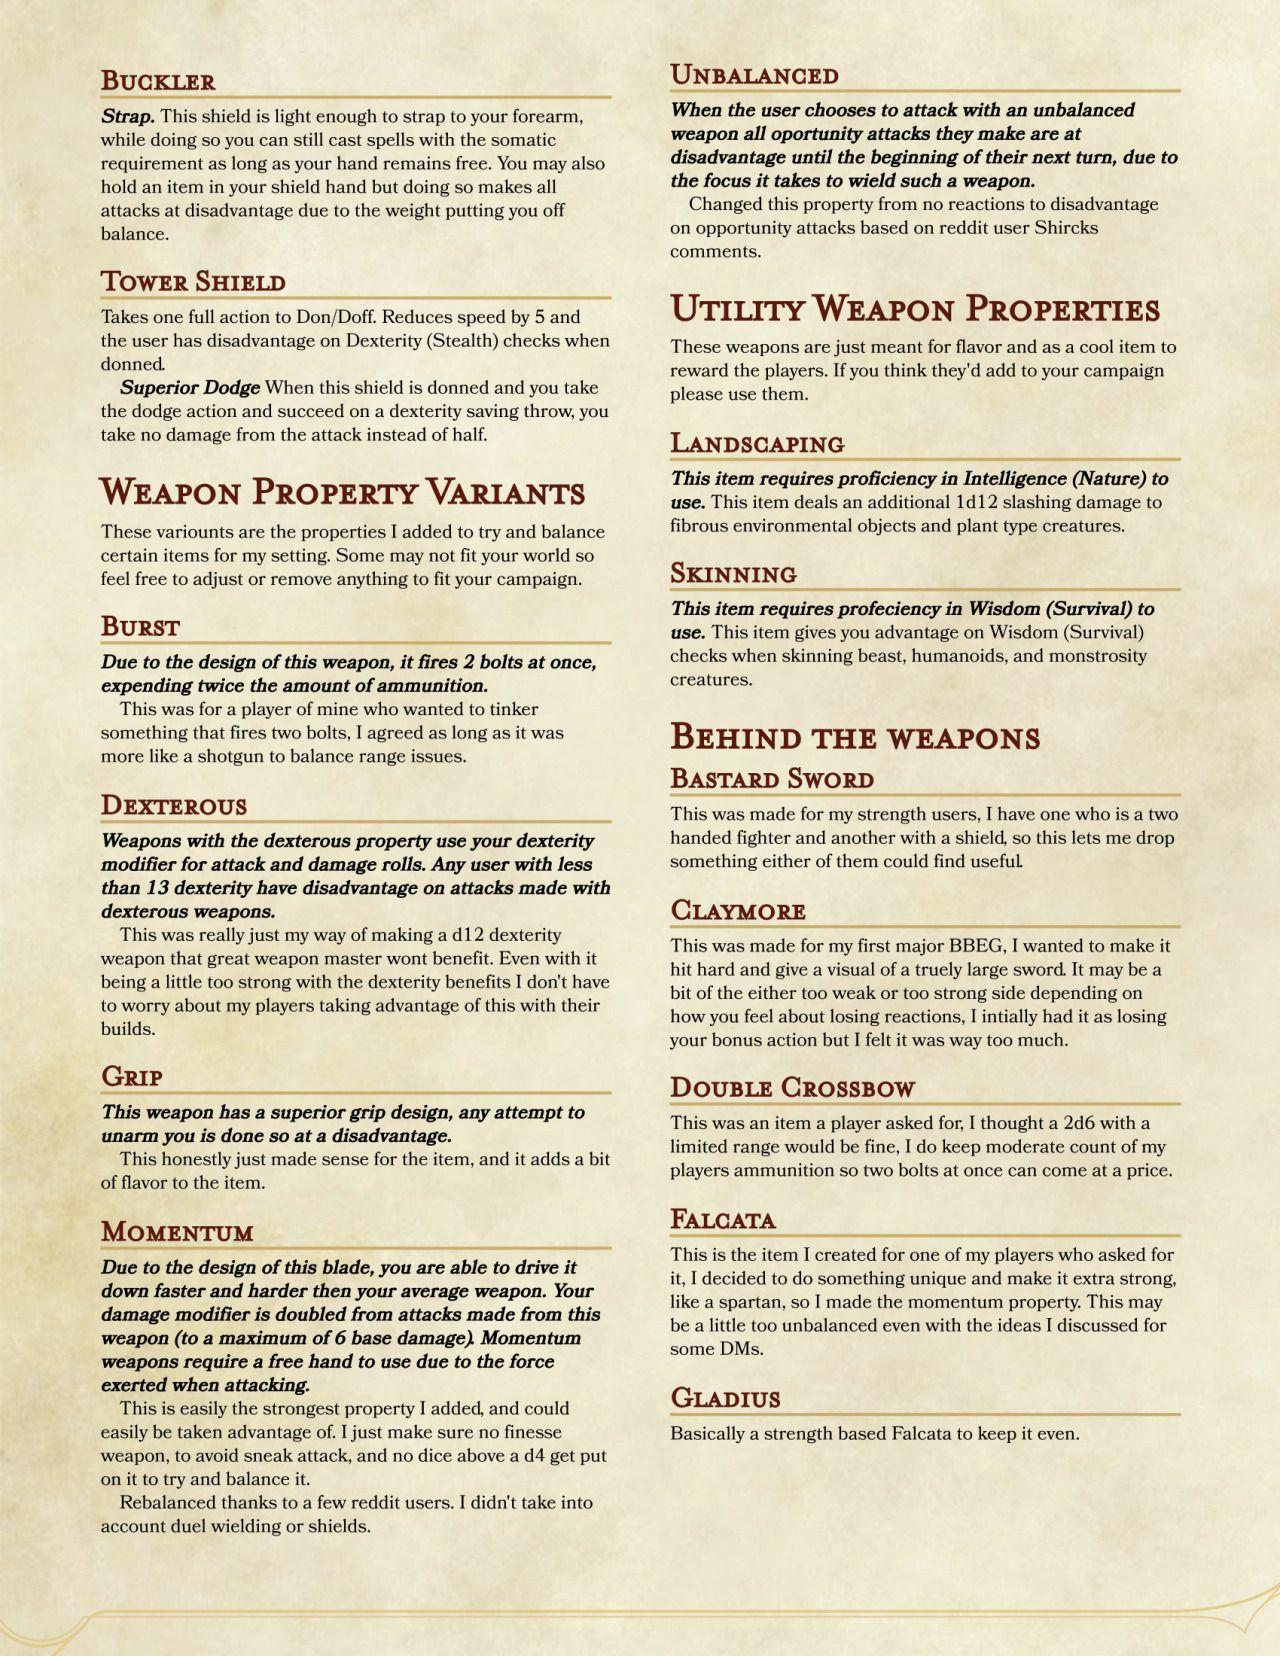 DnD 5e Homebrew | DM Ideas | Pinterest | Dnd 5e homebrew, RPG and ...